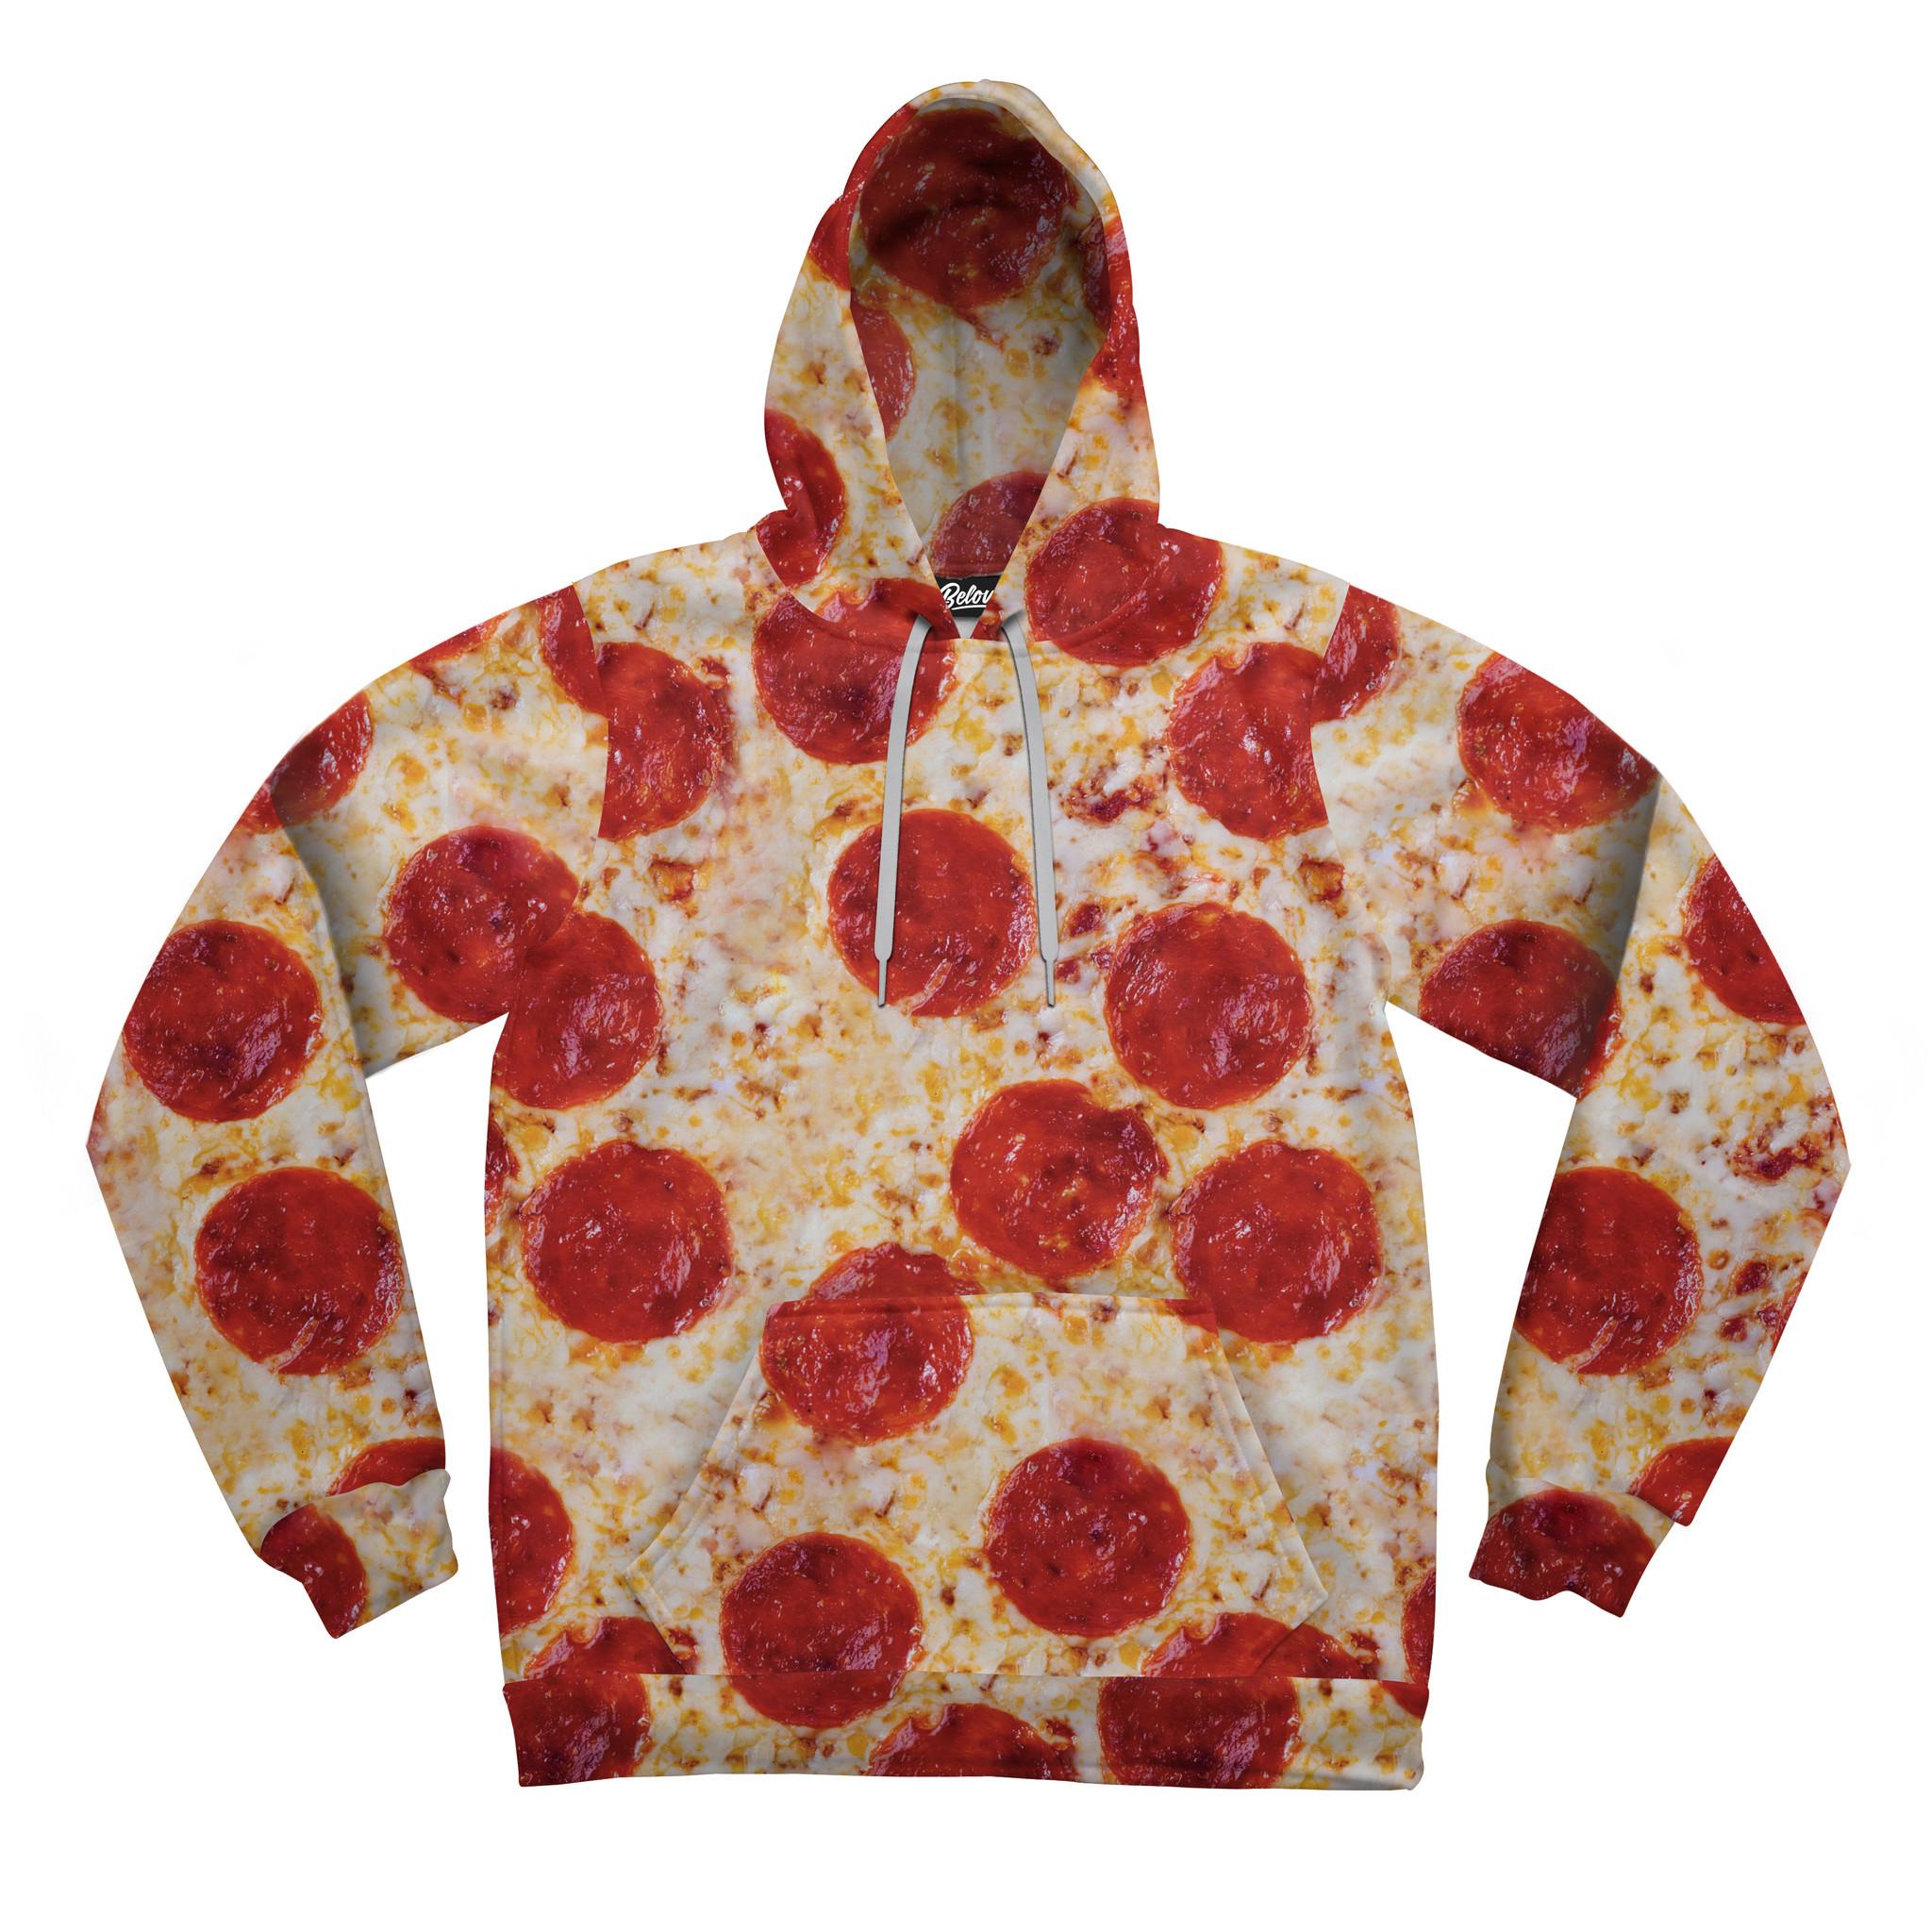 NewPizza_Hoodie_5d60c356-978b-491b-9f3b-96bdad15ac5b_2048x2048